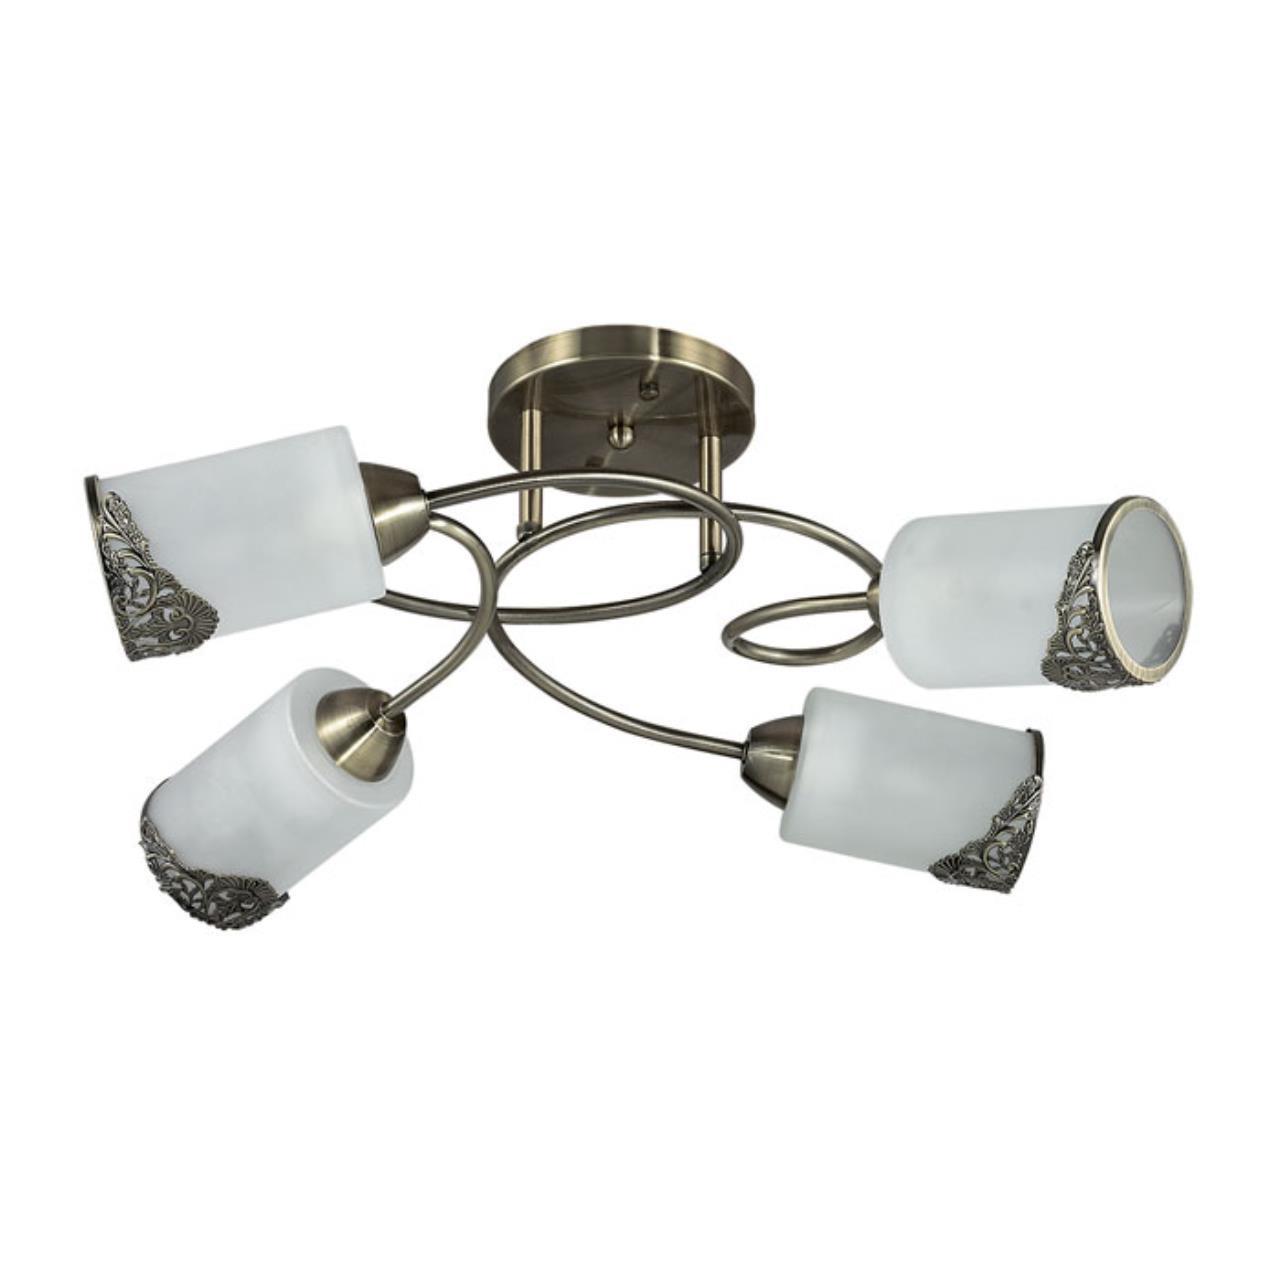 3012/4C COMFI LN16 192 бронзовый/стекло/метал. декор Люстра потолочная E27 4*40W 220V CITADELLA